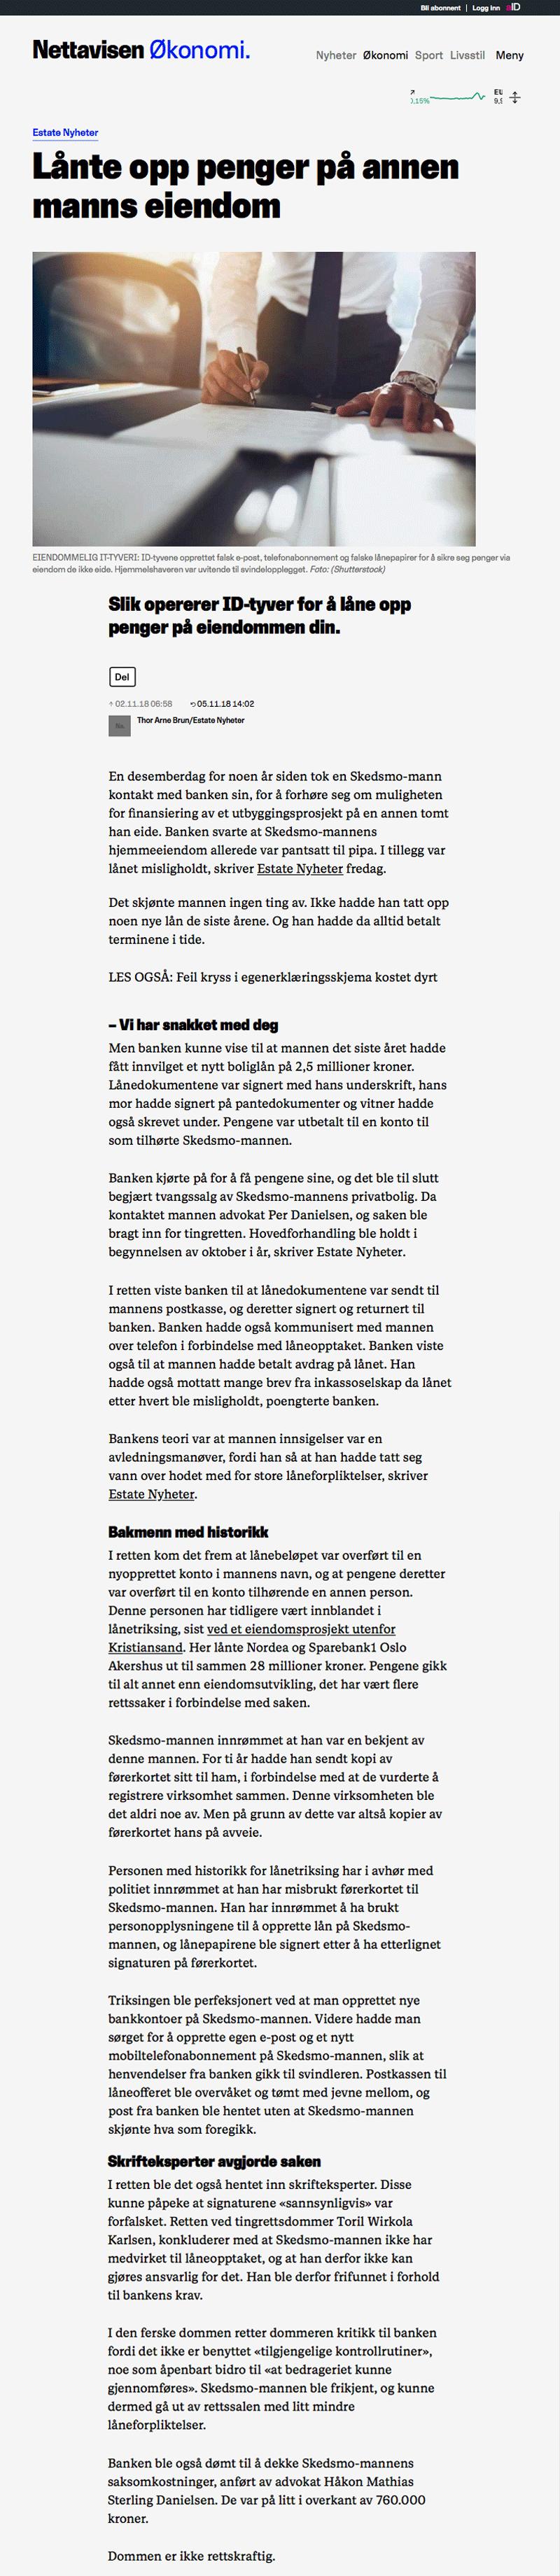 Advokat økonomisk kriminalitet. Frikjent for banksvindel. Advokat Danielsen & Co. Per Danielsen.